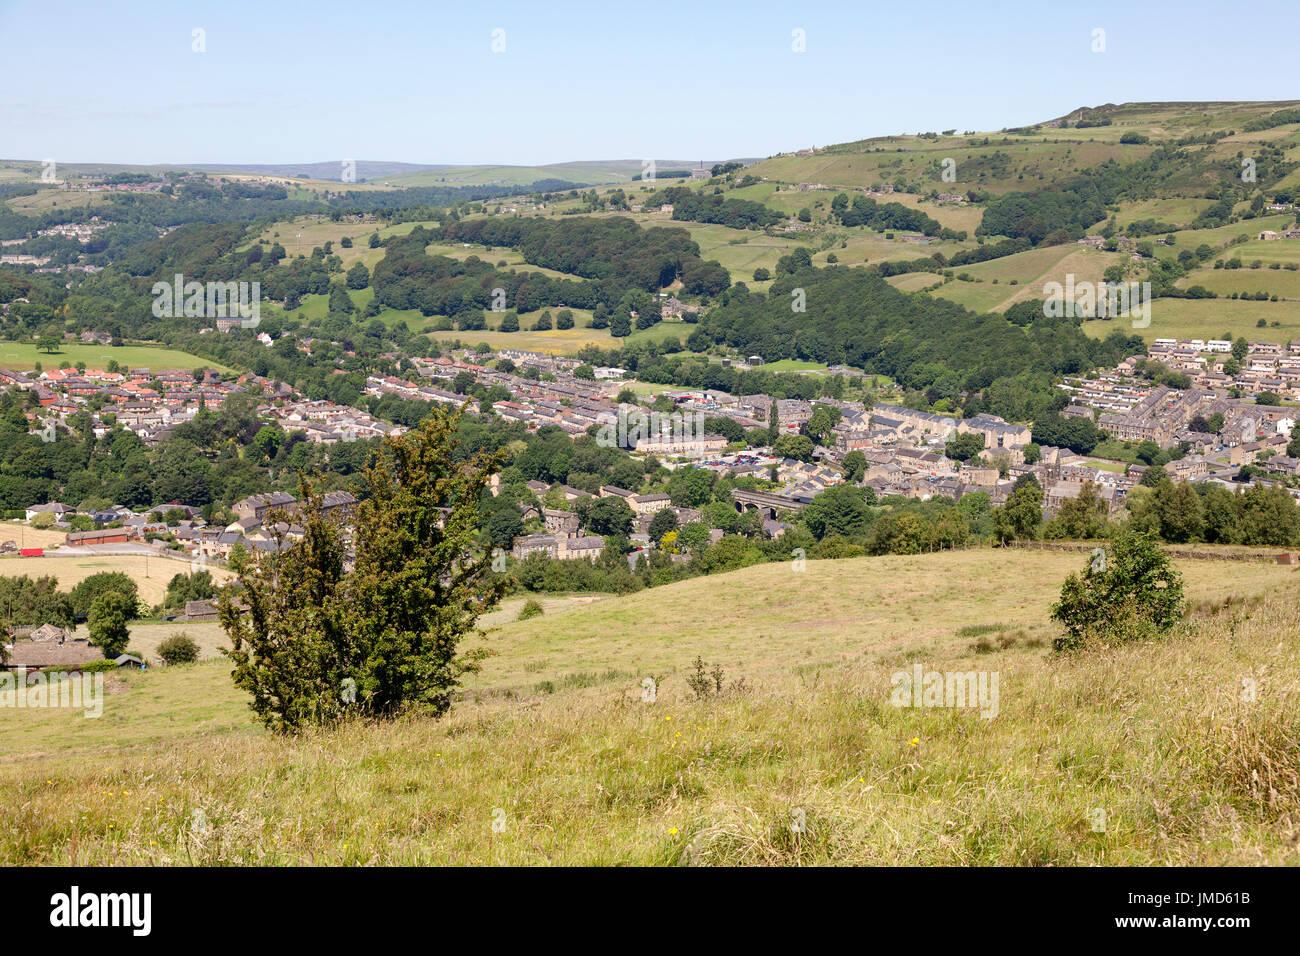 View of Mytholmroyd, West Yorkshire - Stock Image